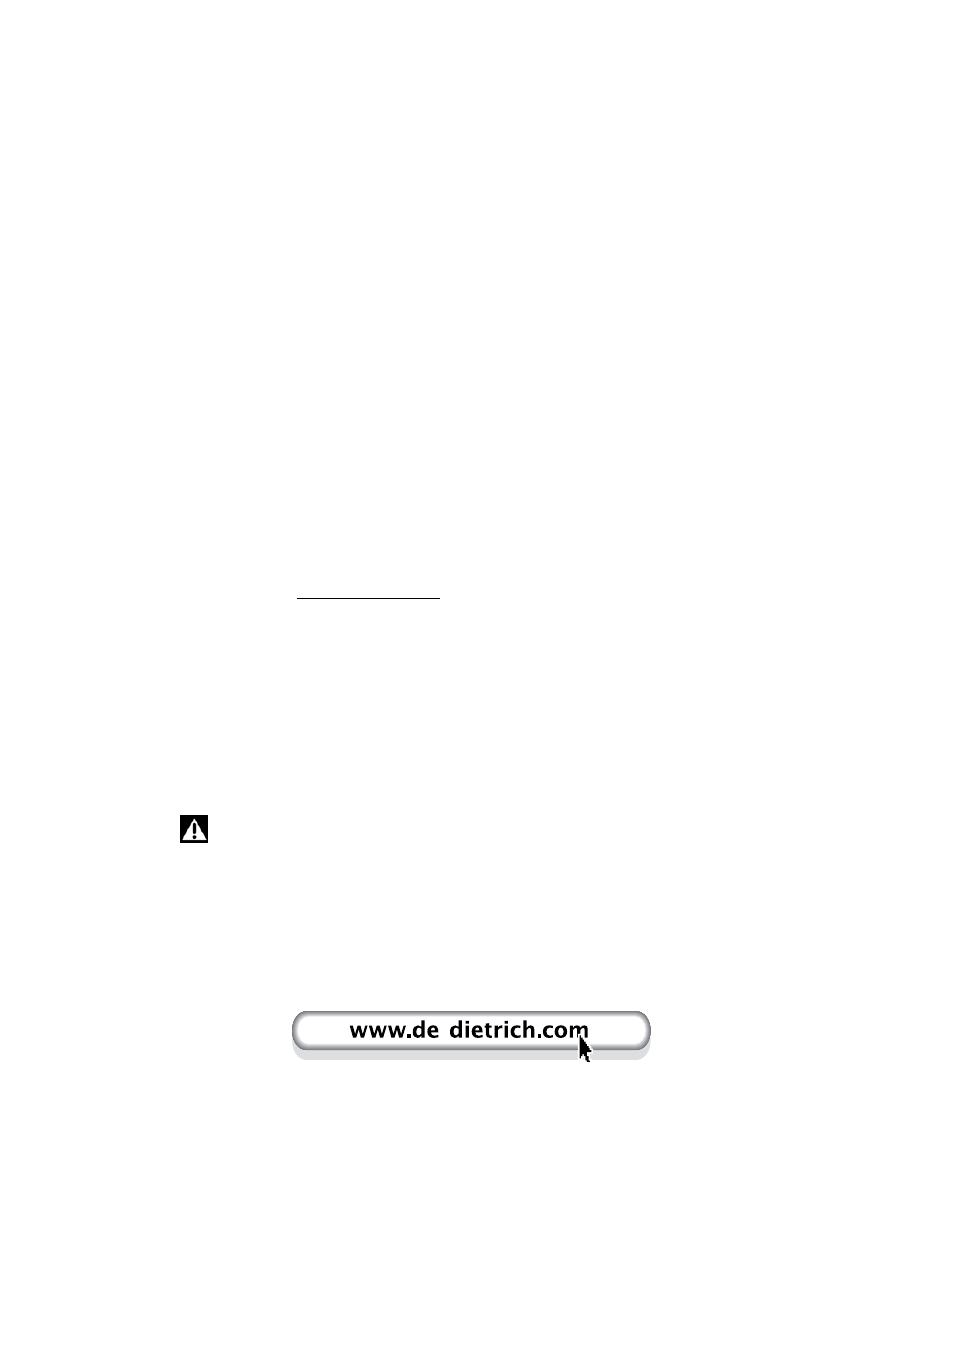 De Dietrich Dvh1150 User Manual 33 Pages Also For Dvh1180gj